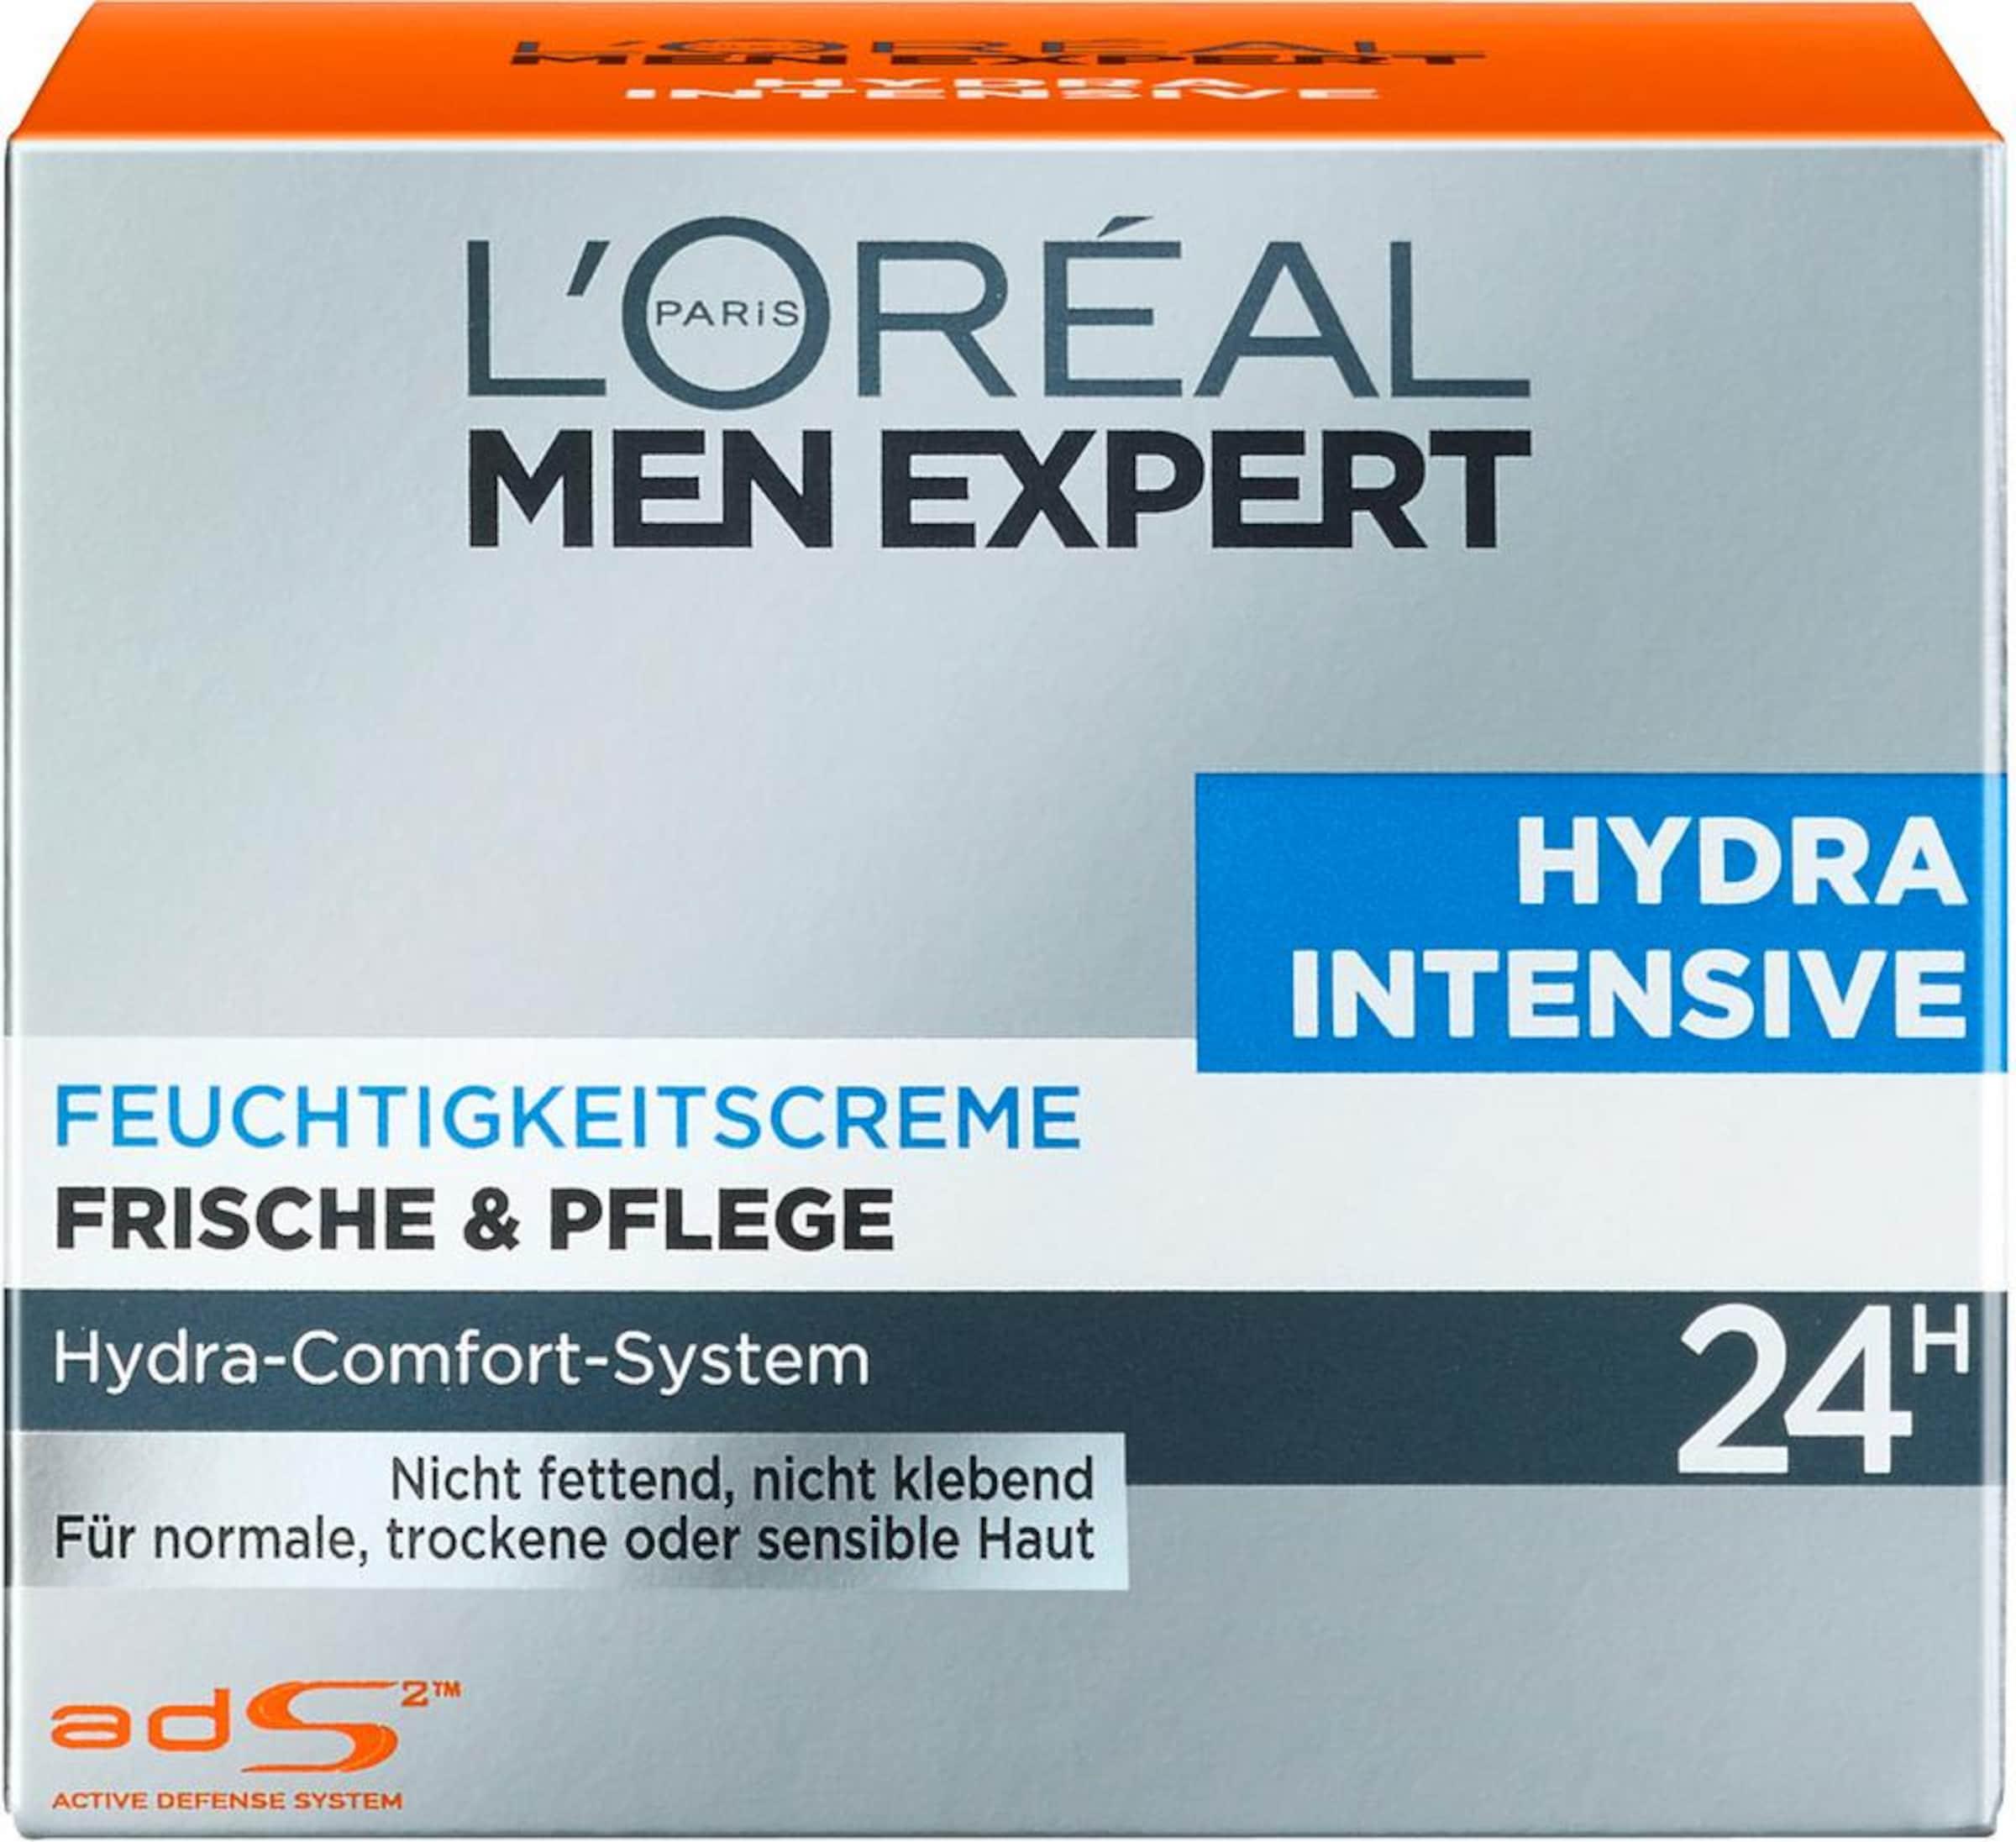 Weiß L'oréal Intensive' Expert Feuchtigkeitspflege Paris Men 'hydra In Y6yIf7gbv